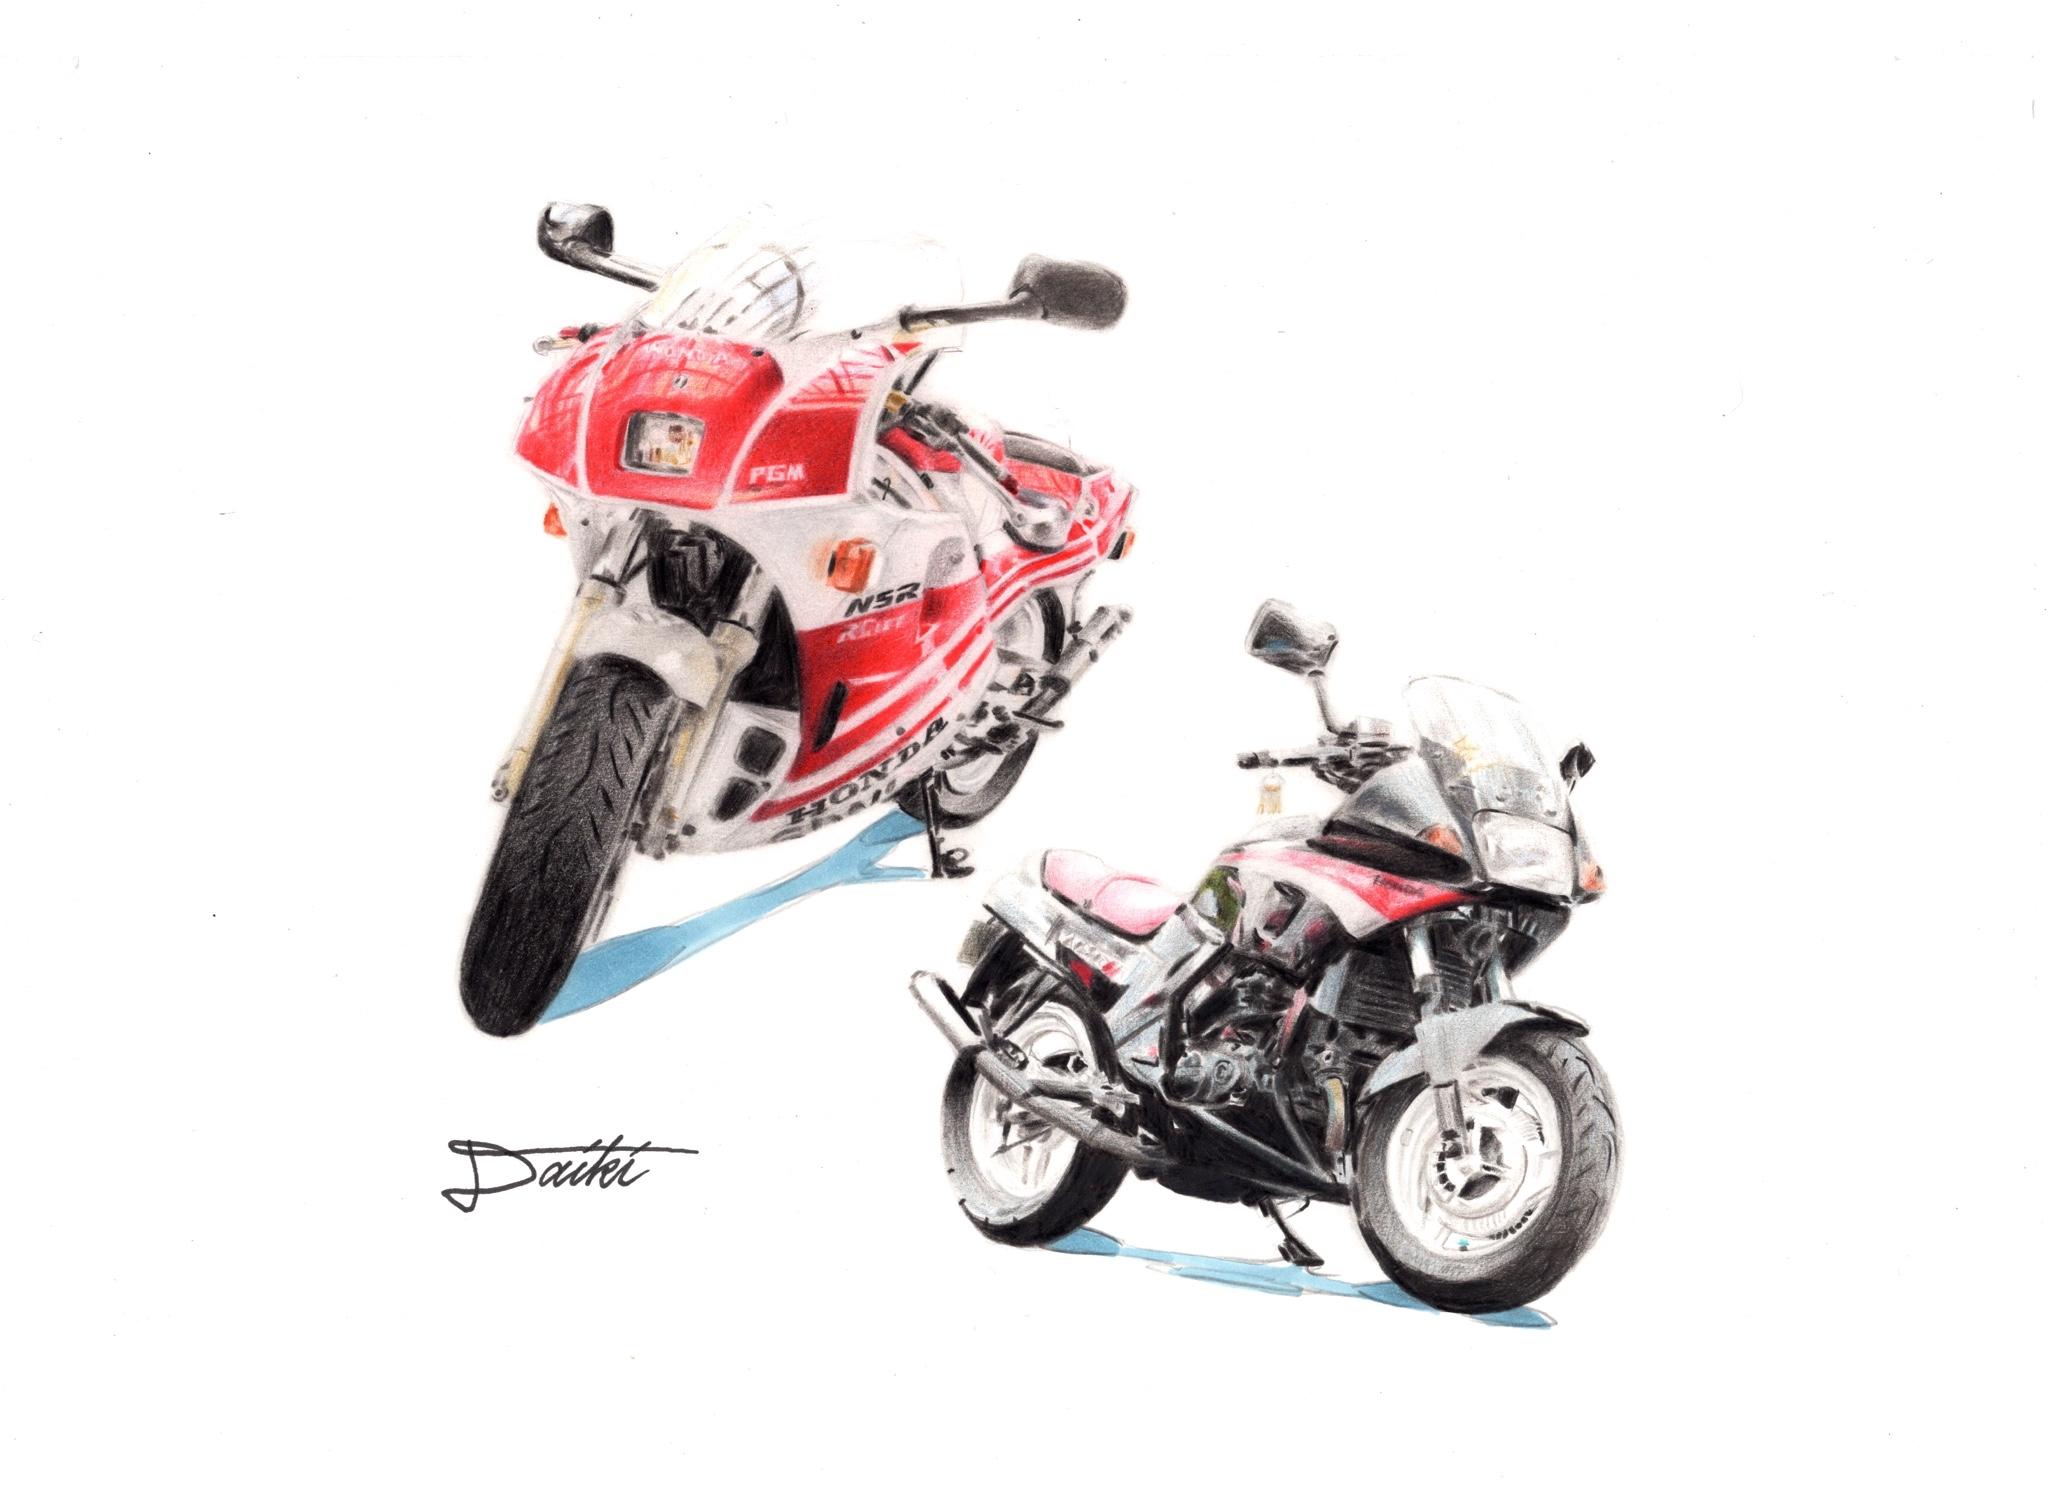 HONDA NSR250R VT250FG 色鉛筆イラスト